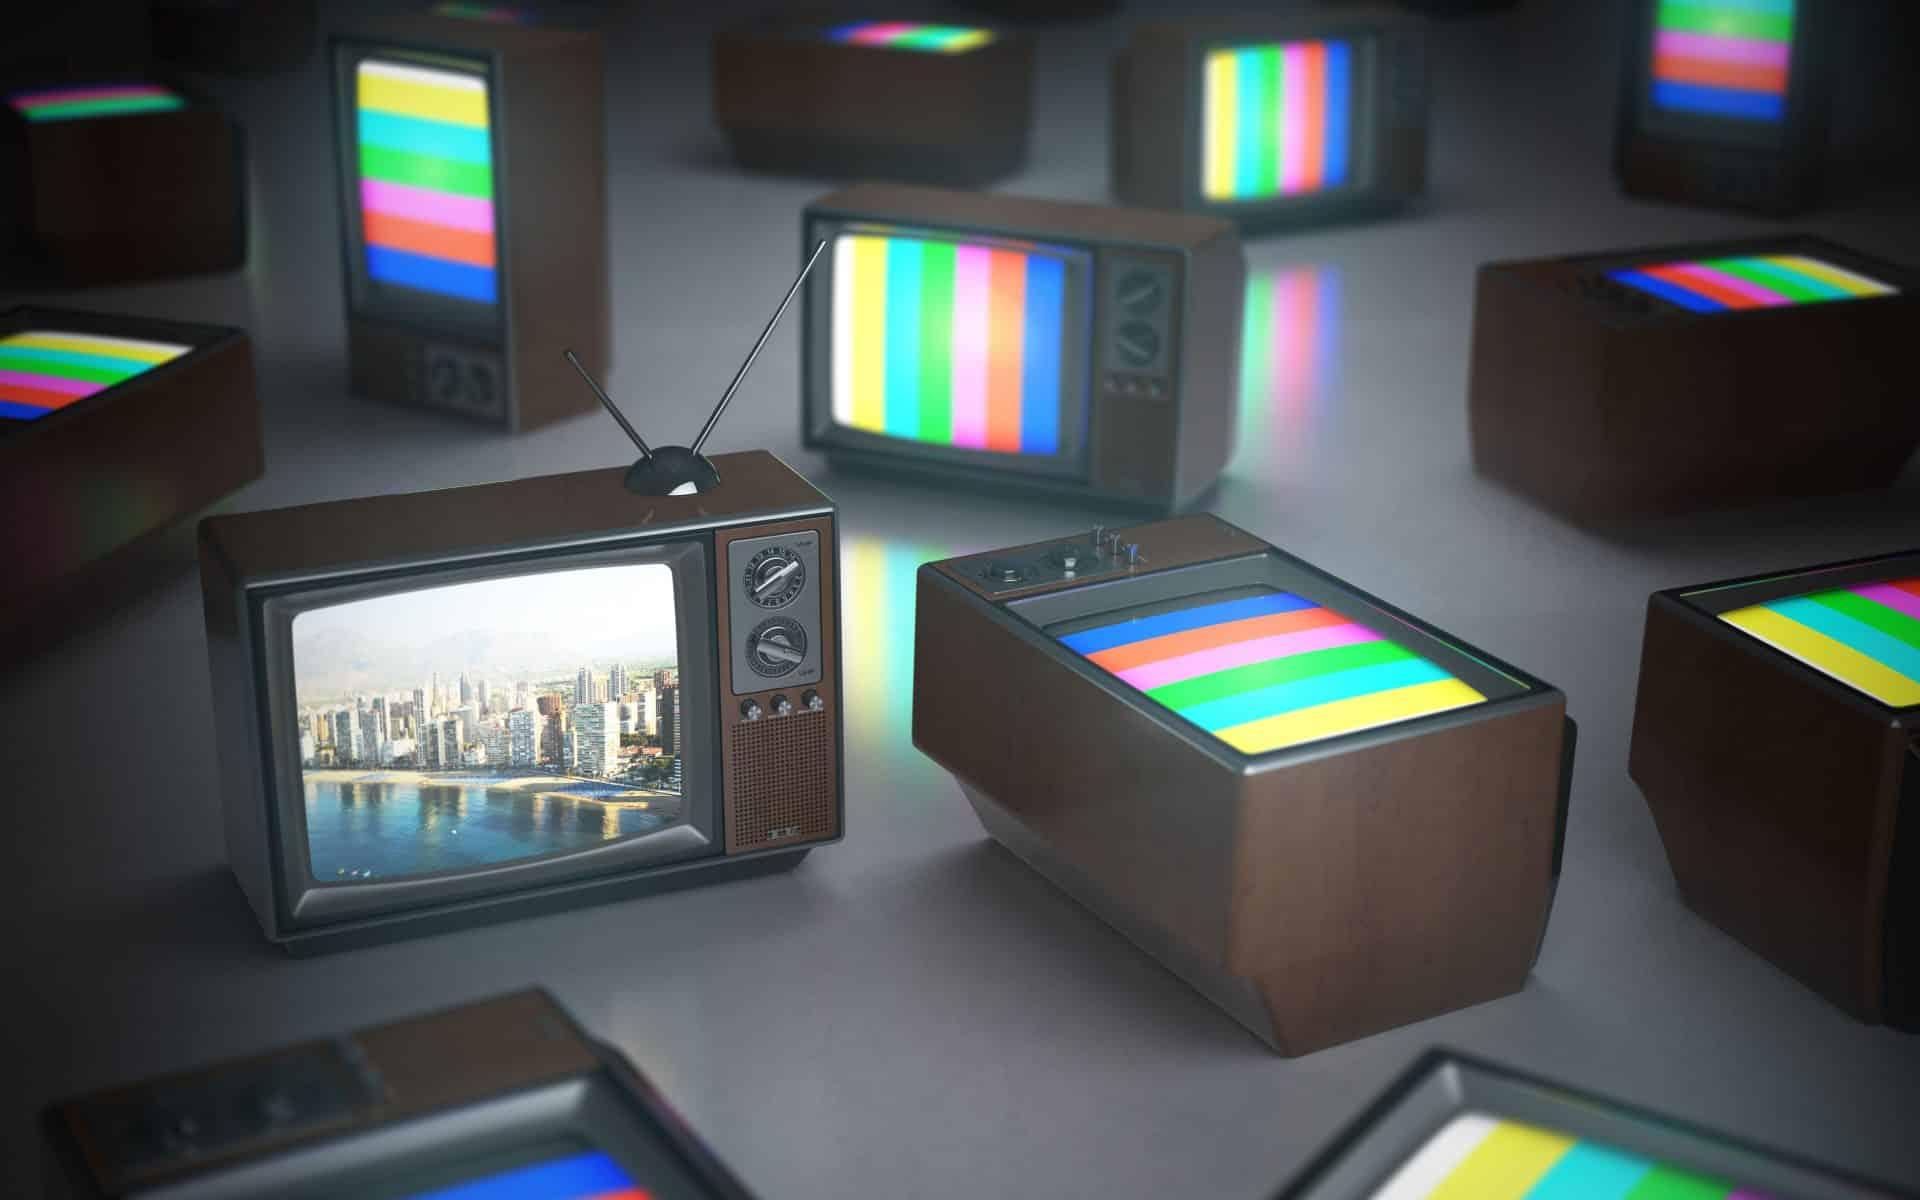 Resoluções de Tela: Qual a diferença entre Full HD, 4K e 8K?